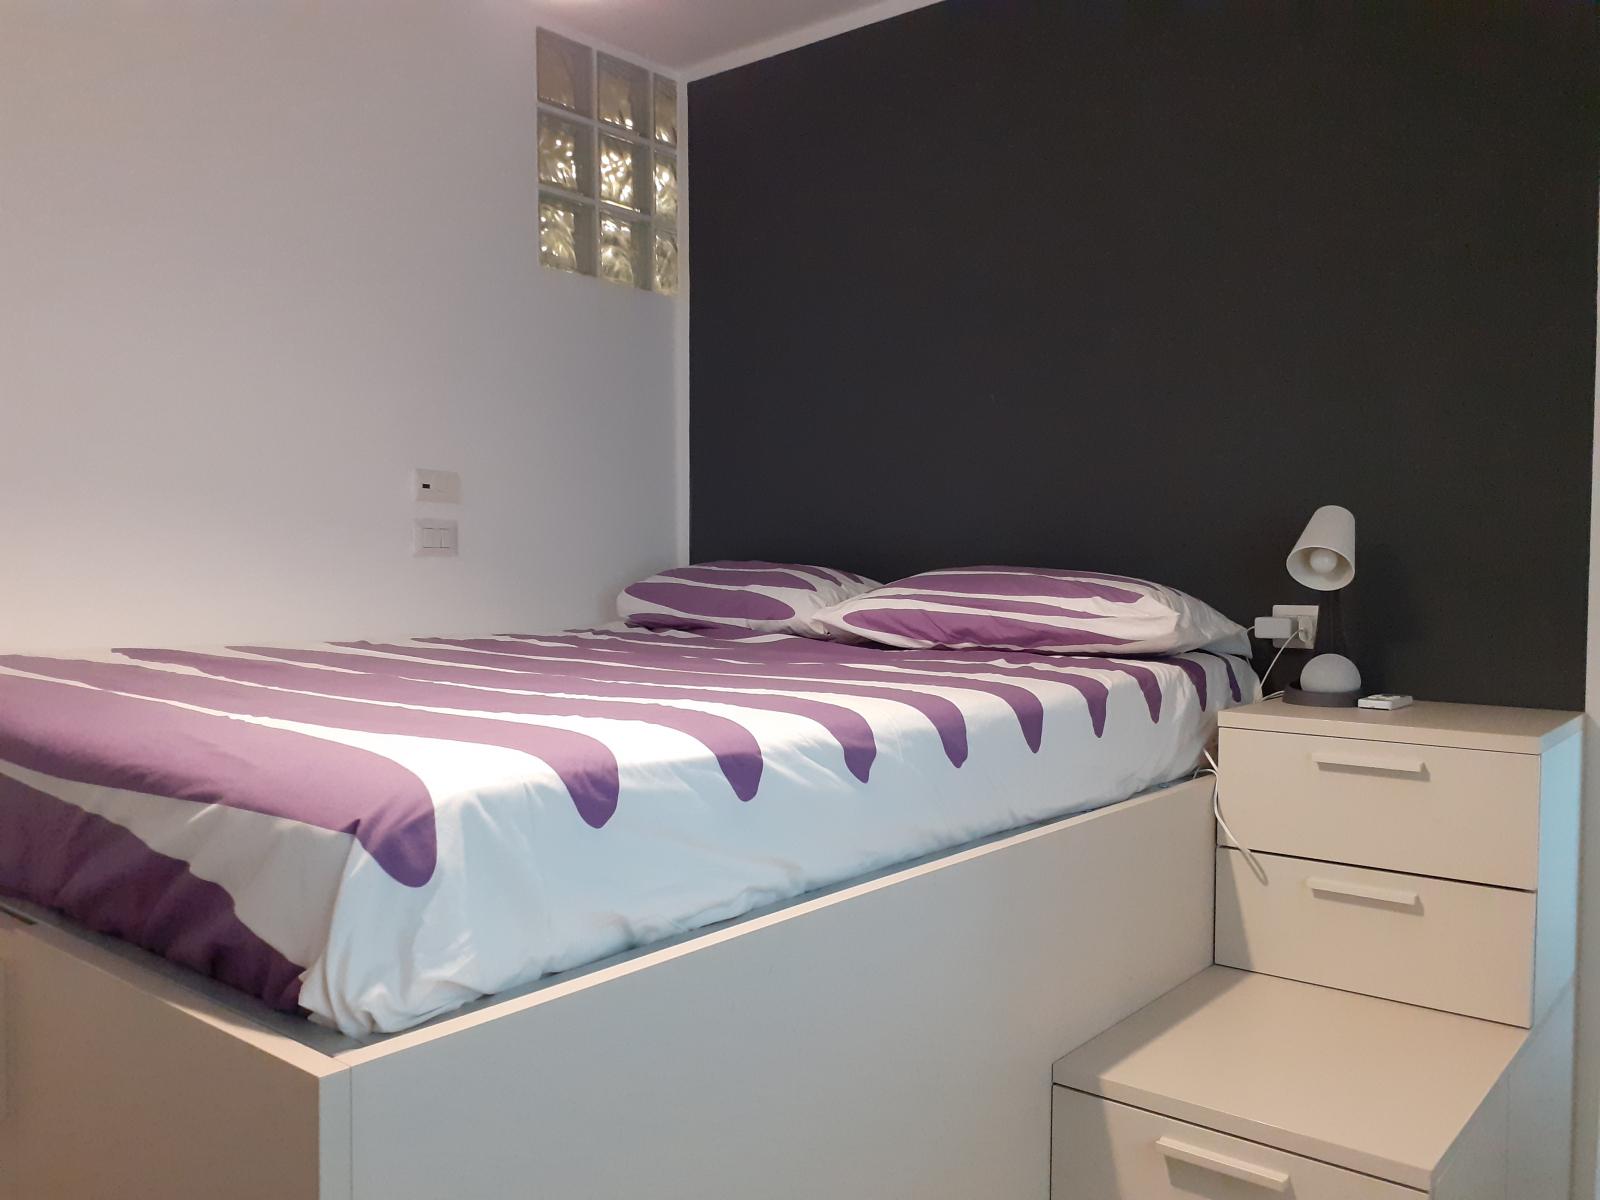 appartamento-open-space-milano-via-broggini-baggio-spaziourbano-immobiliare-vende-10